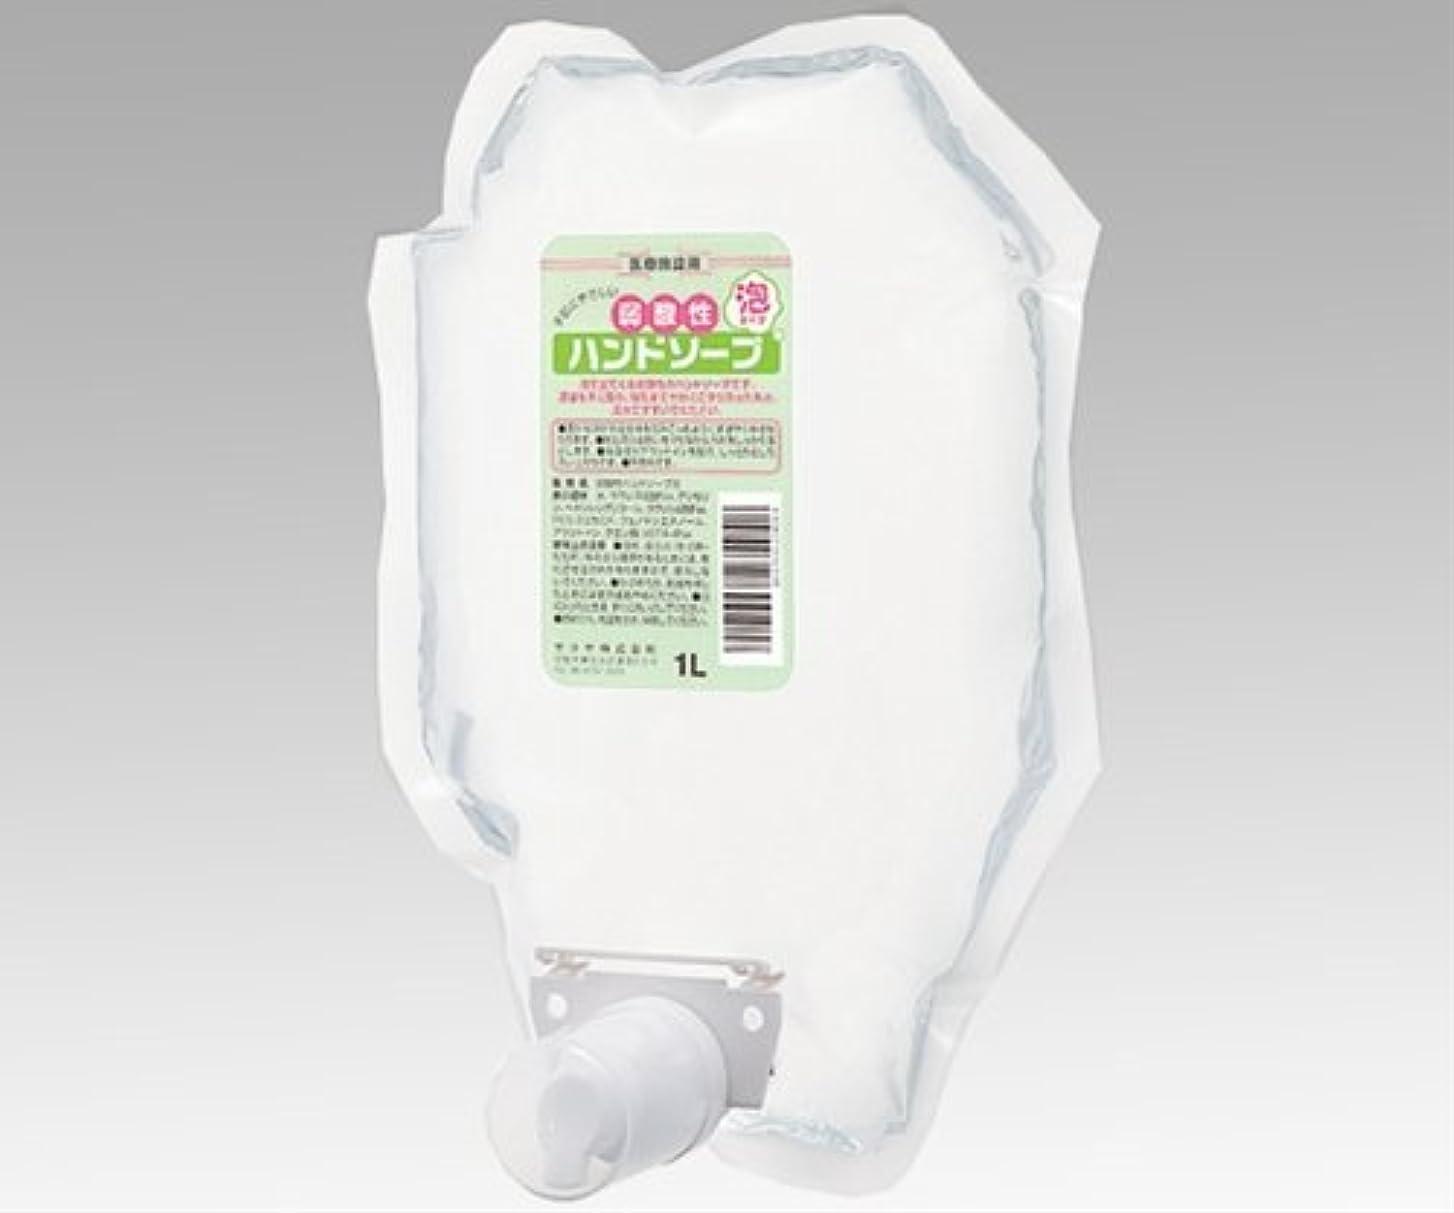 指令魅惑するシャイサラヤ 弱酸性ハンドソープ 泡タイプ / 0-8762-07